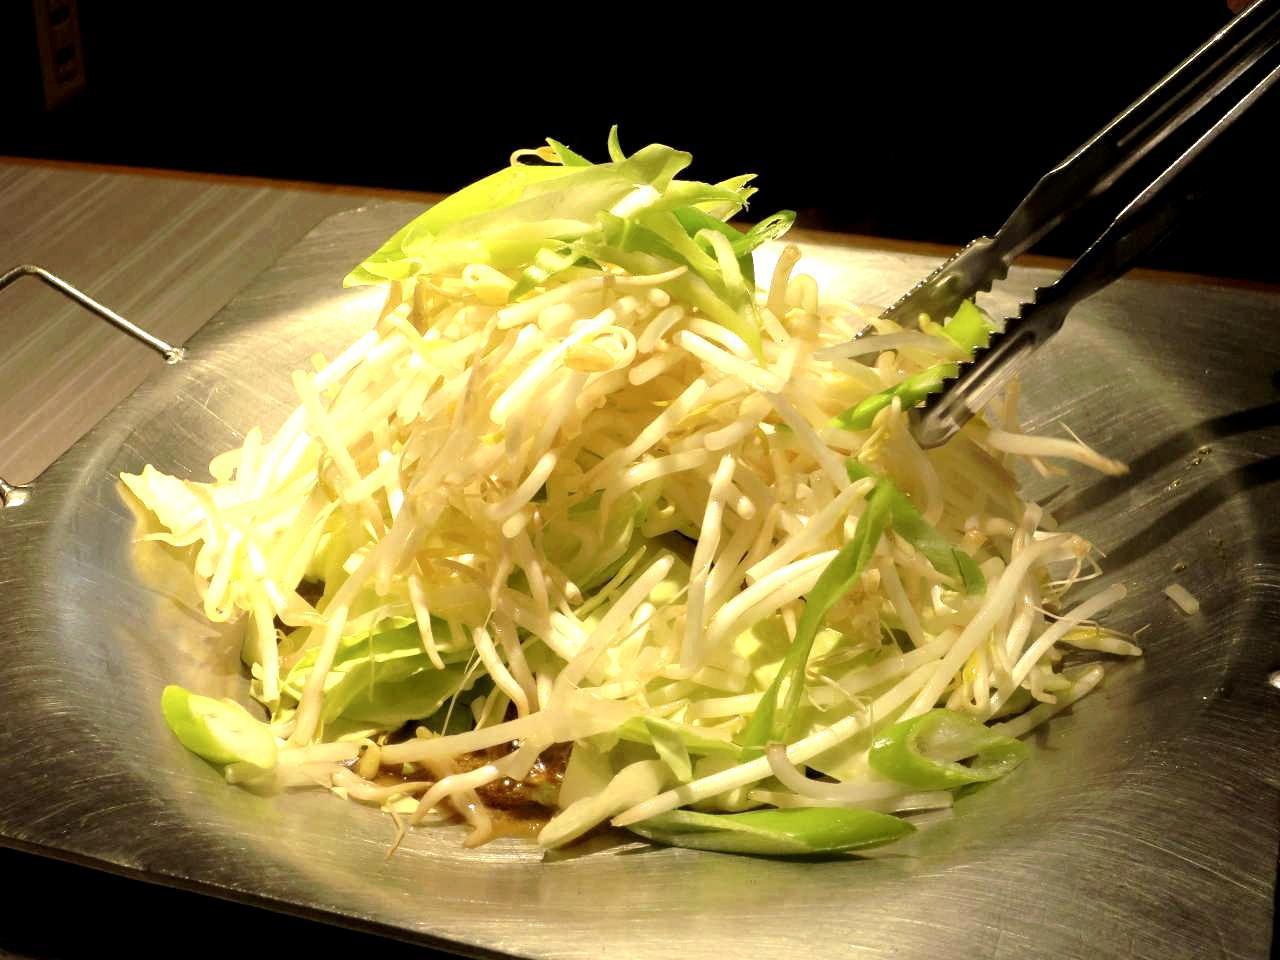 画像: とんちゃん鍋専用の鍋で牛ホルモンや野菜を炊く。卓上で完成するので、出来立てが